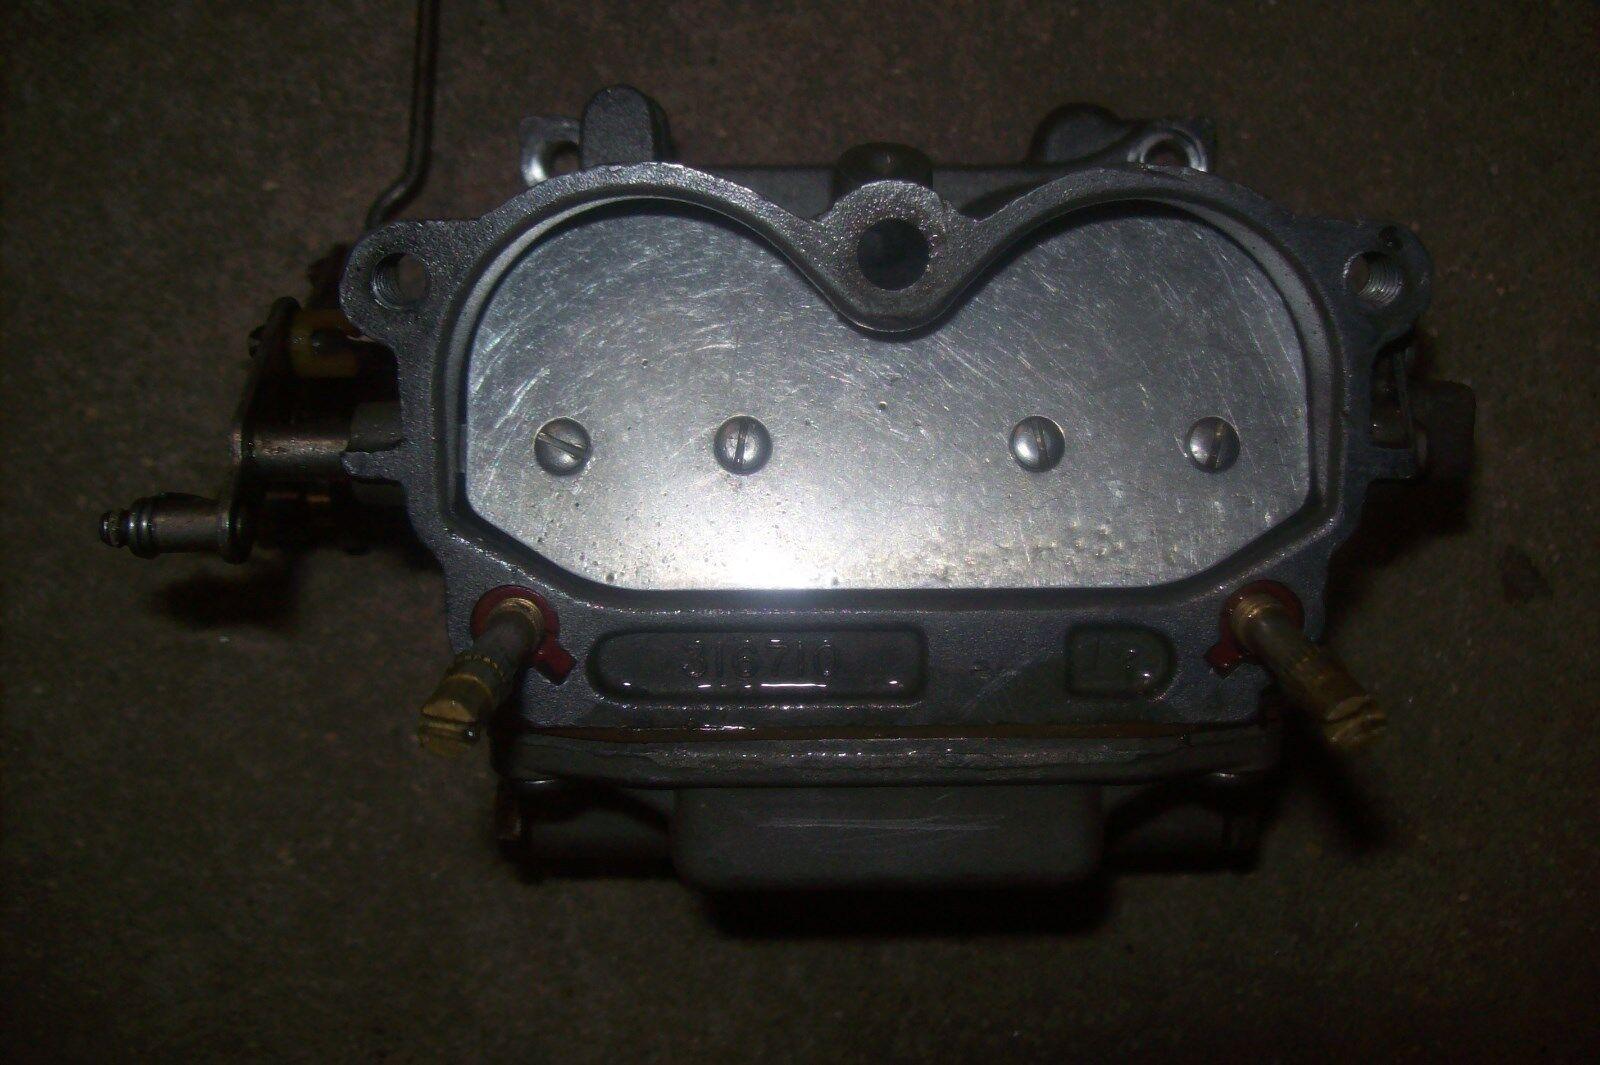 Evinrude Johnson OMC 125hp V4 Carburetor Carb 316710 1 5/16 Outboard Boat Motor